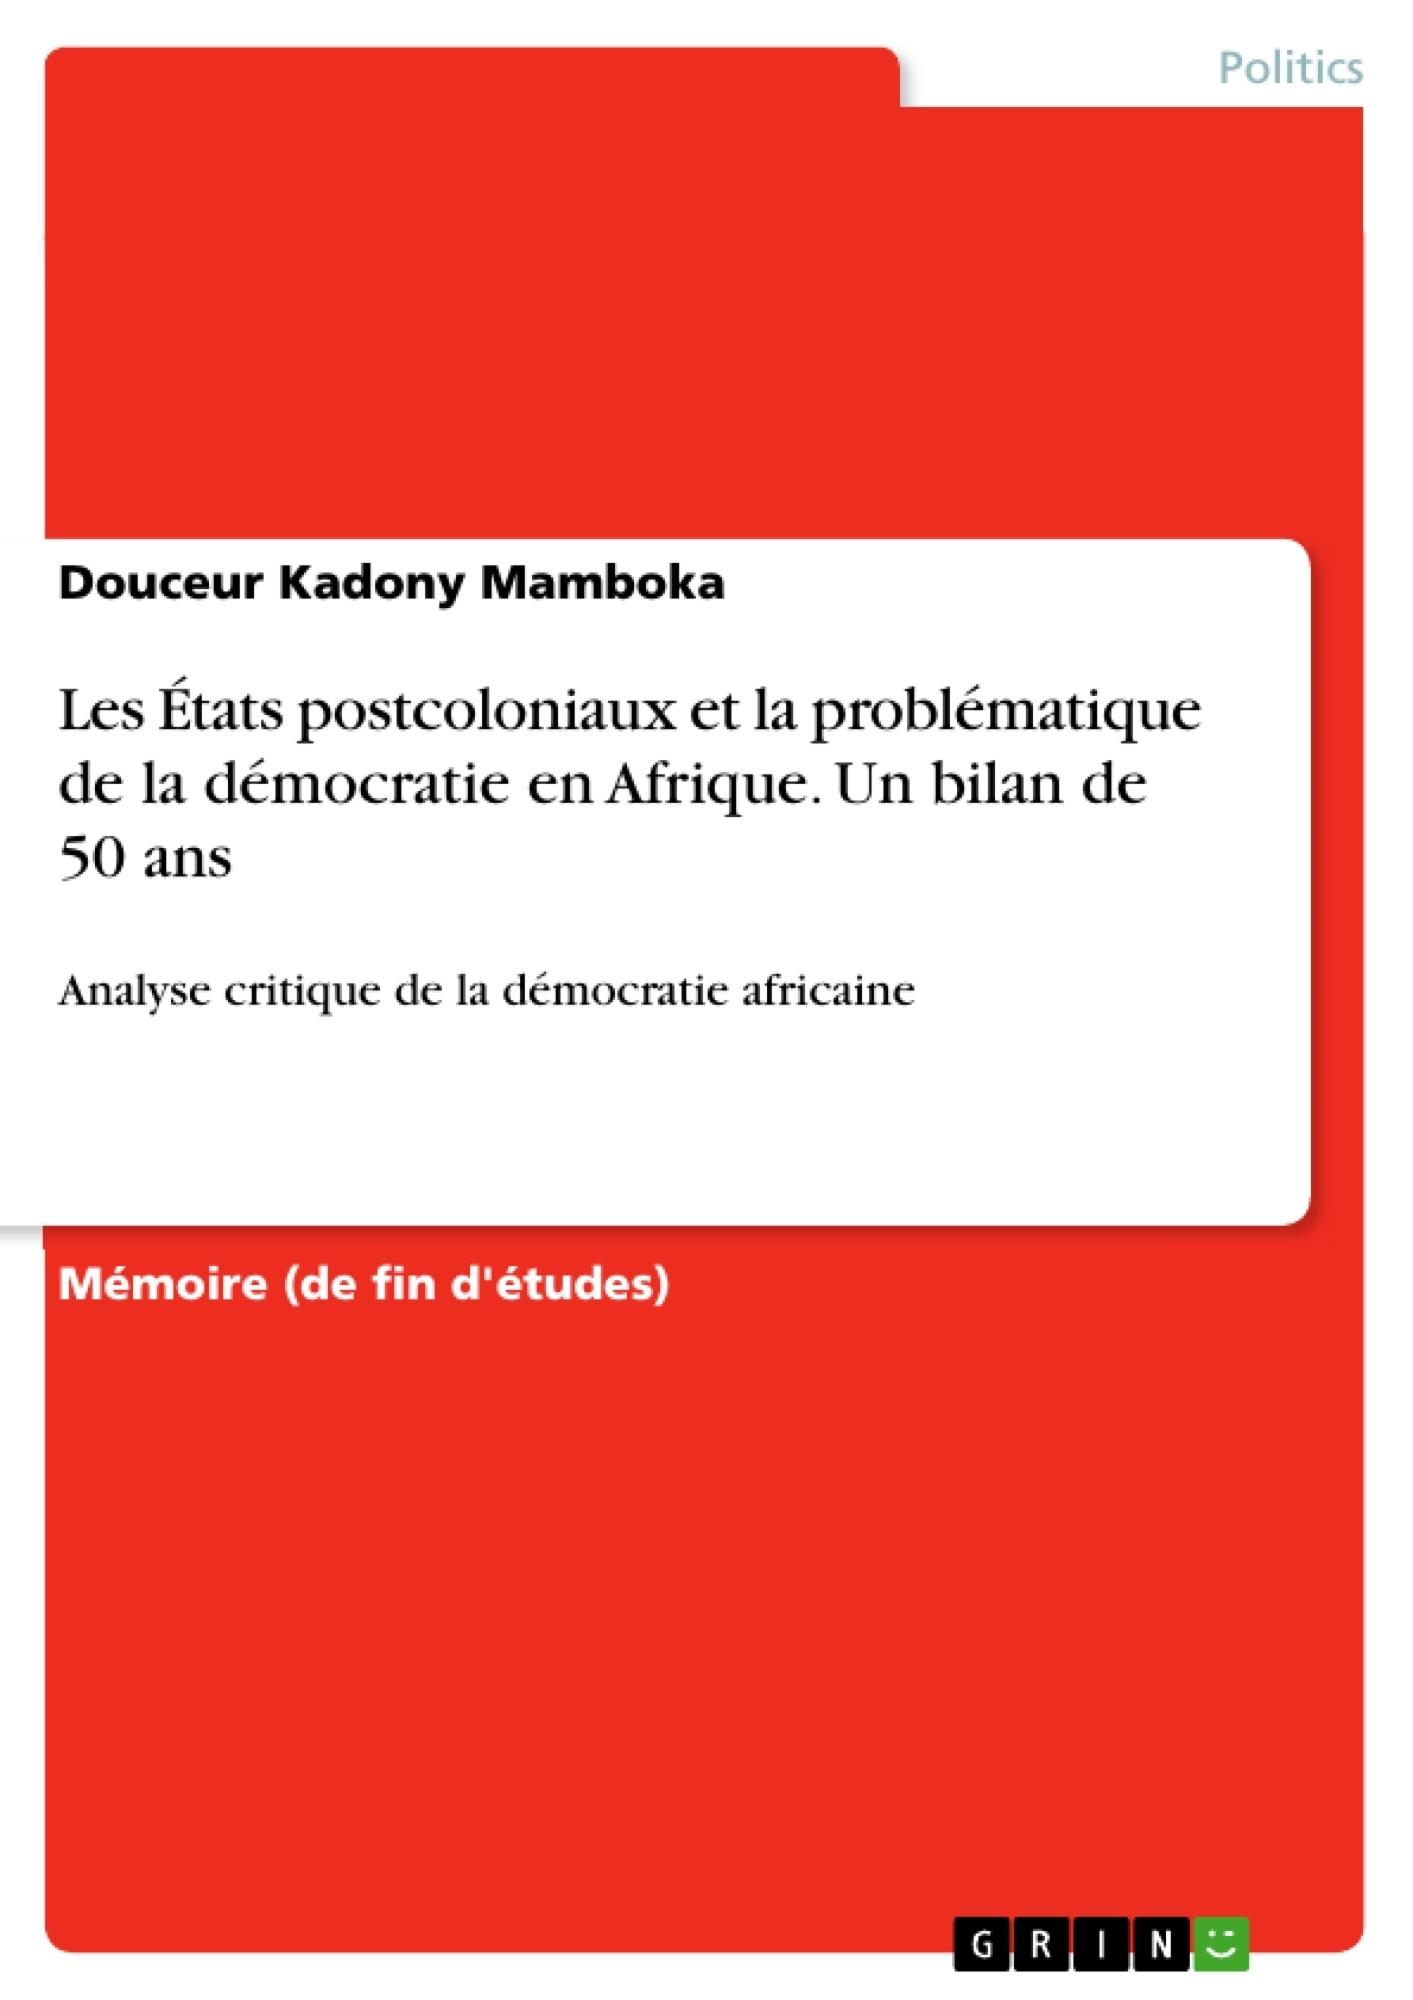 Titre: Les États postcoloniaux et la problématique de la démocratie en Afrique. Un bilan de 50 ans